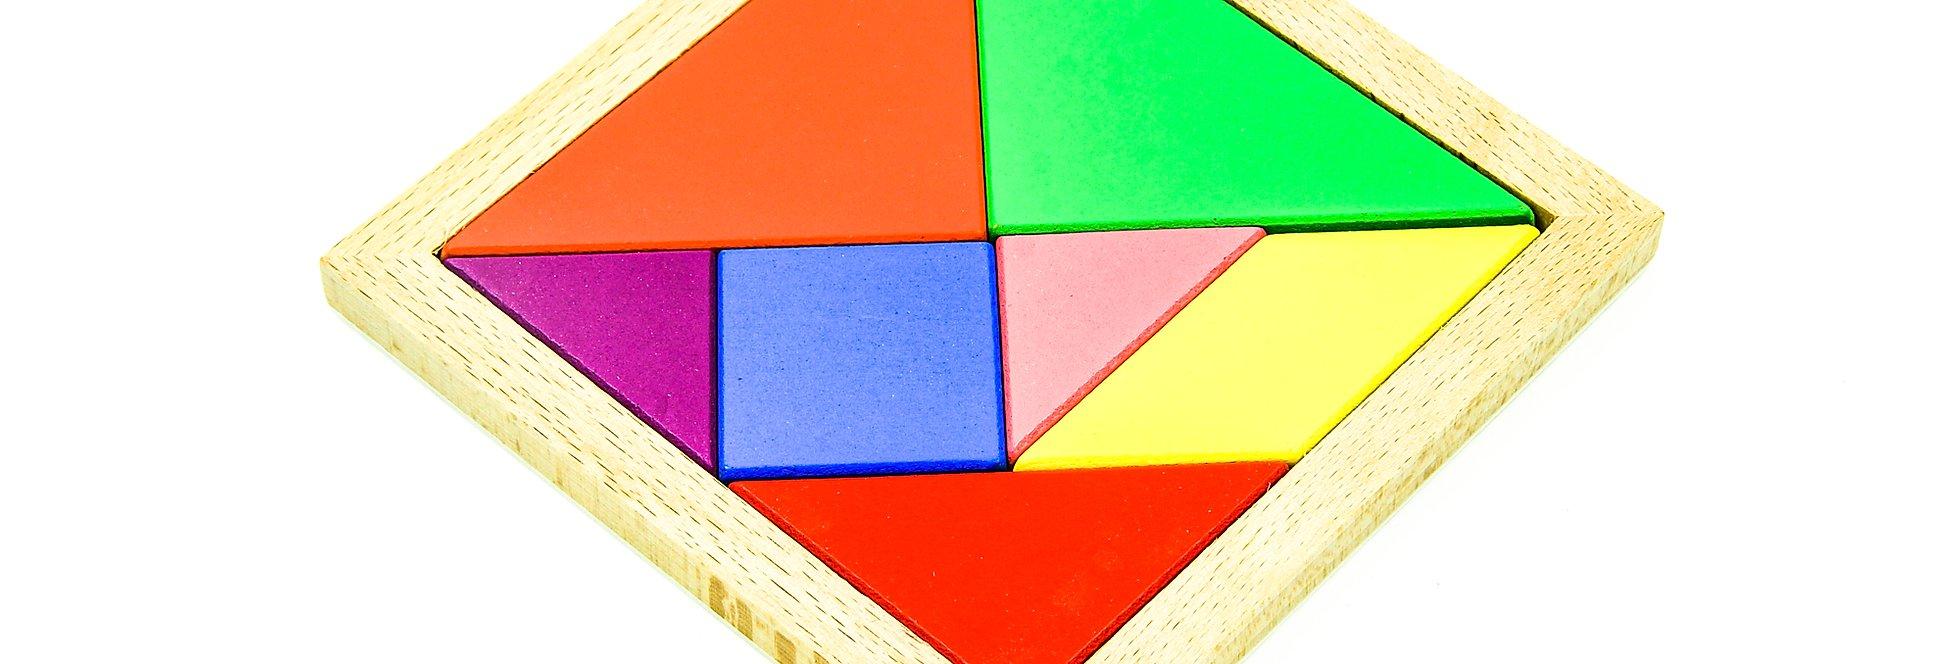 Tangram Puzzle Jigsaw Puzzle pour Pièces Tangram